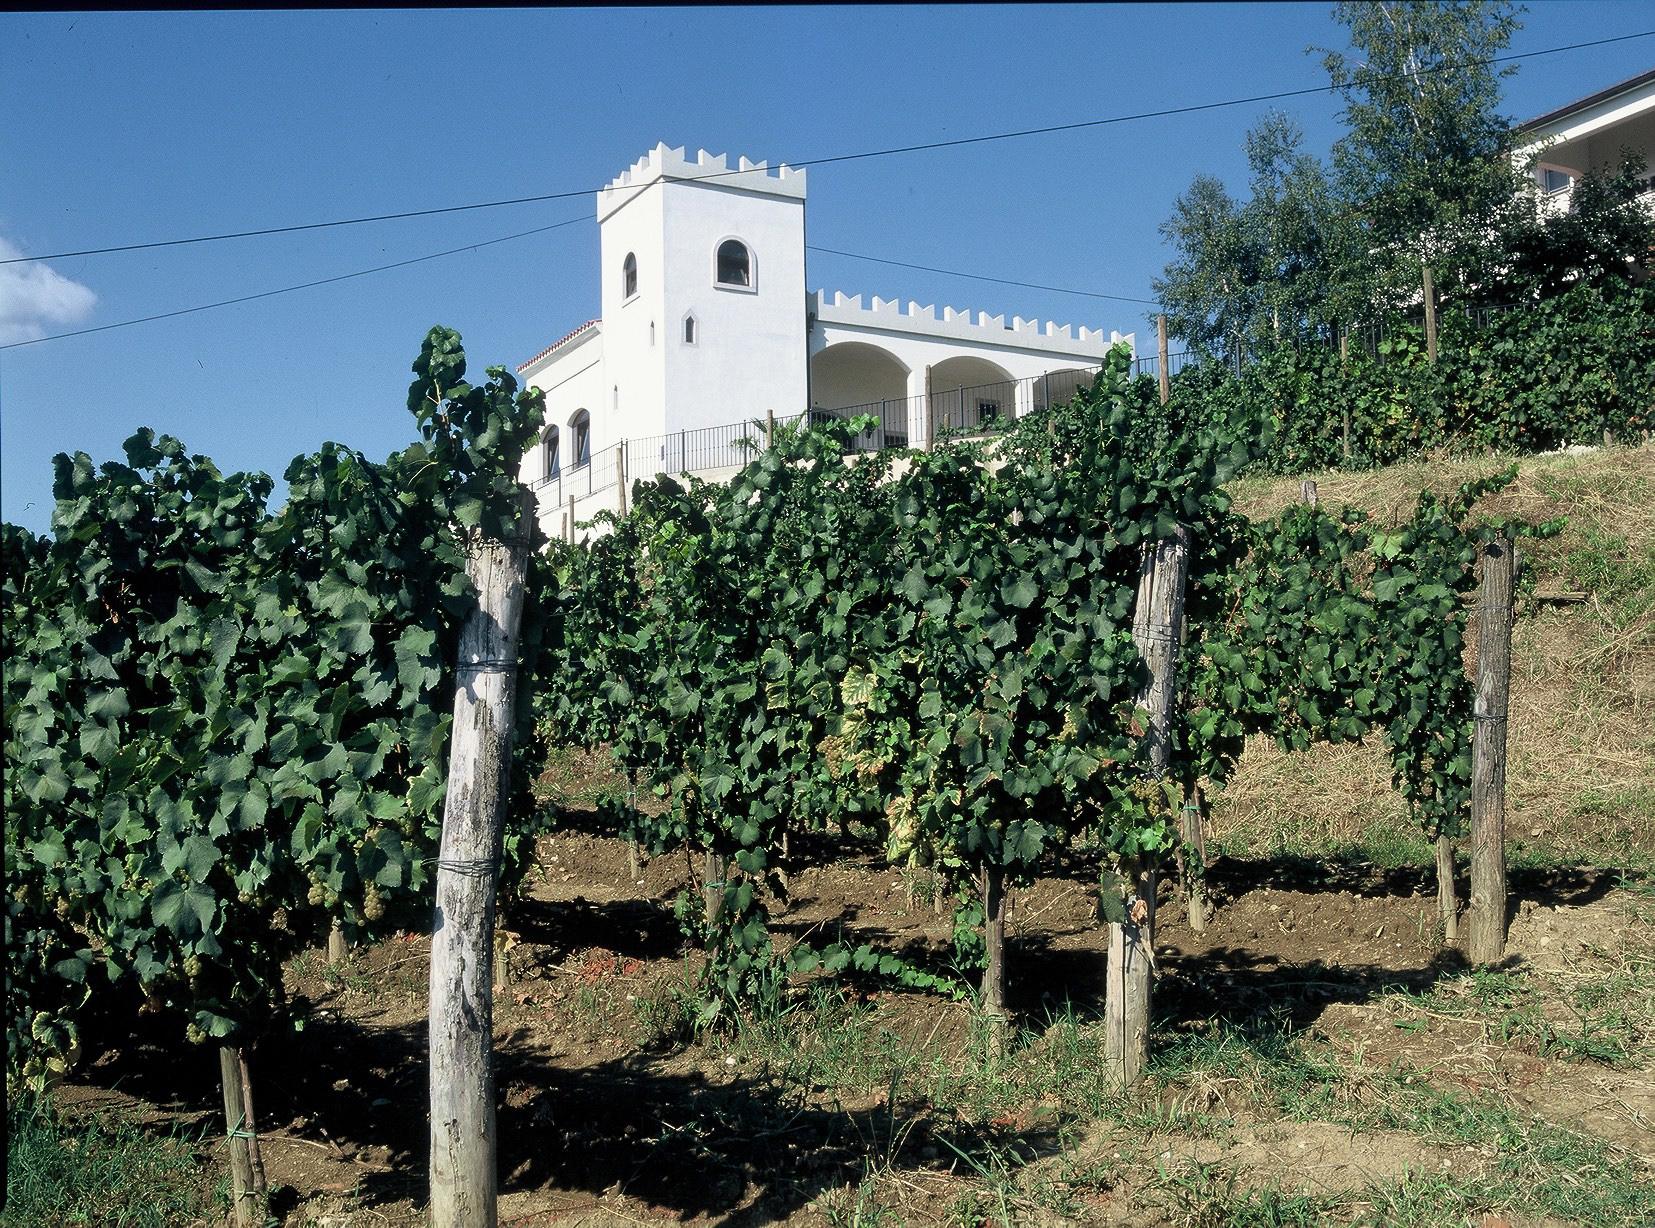 The Simčič winery